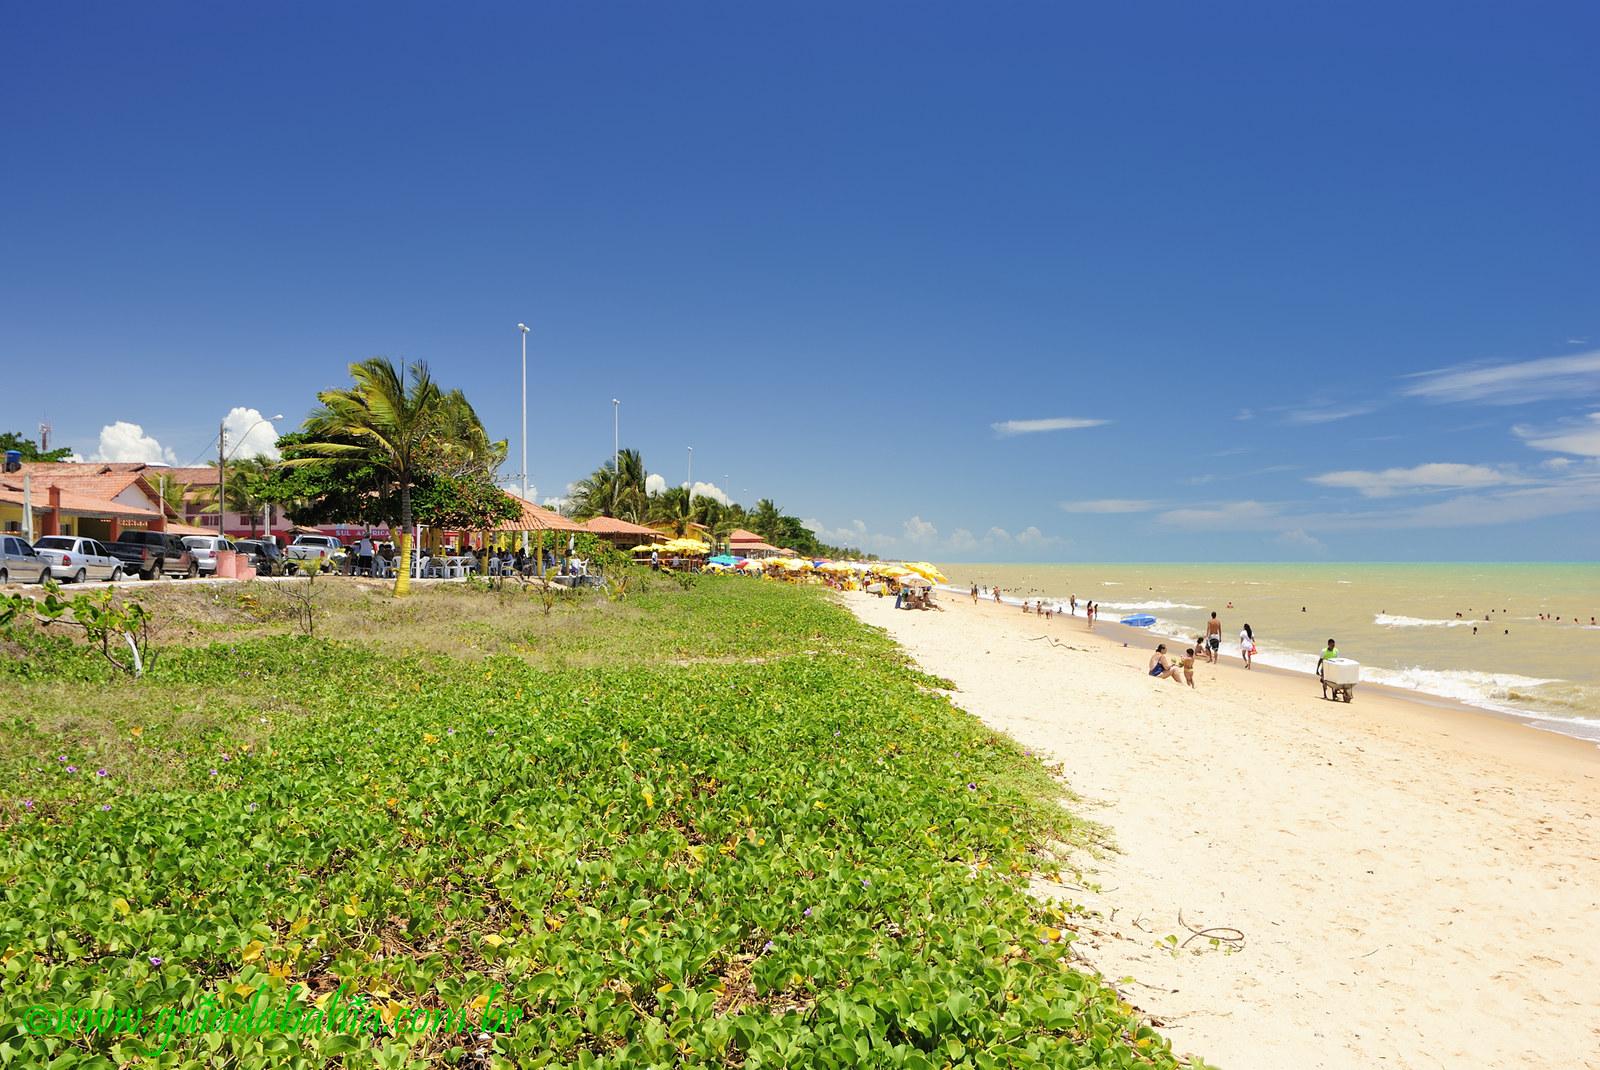 Fotos Praias De Alcobaca Bahia on Index Php